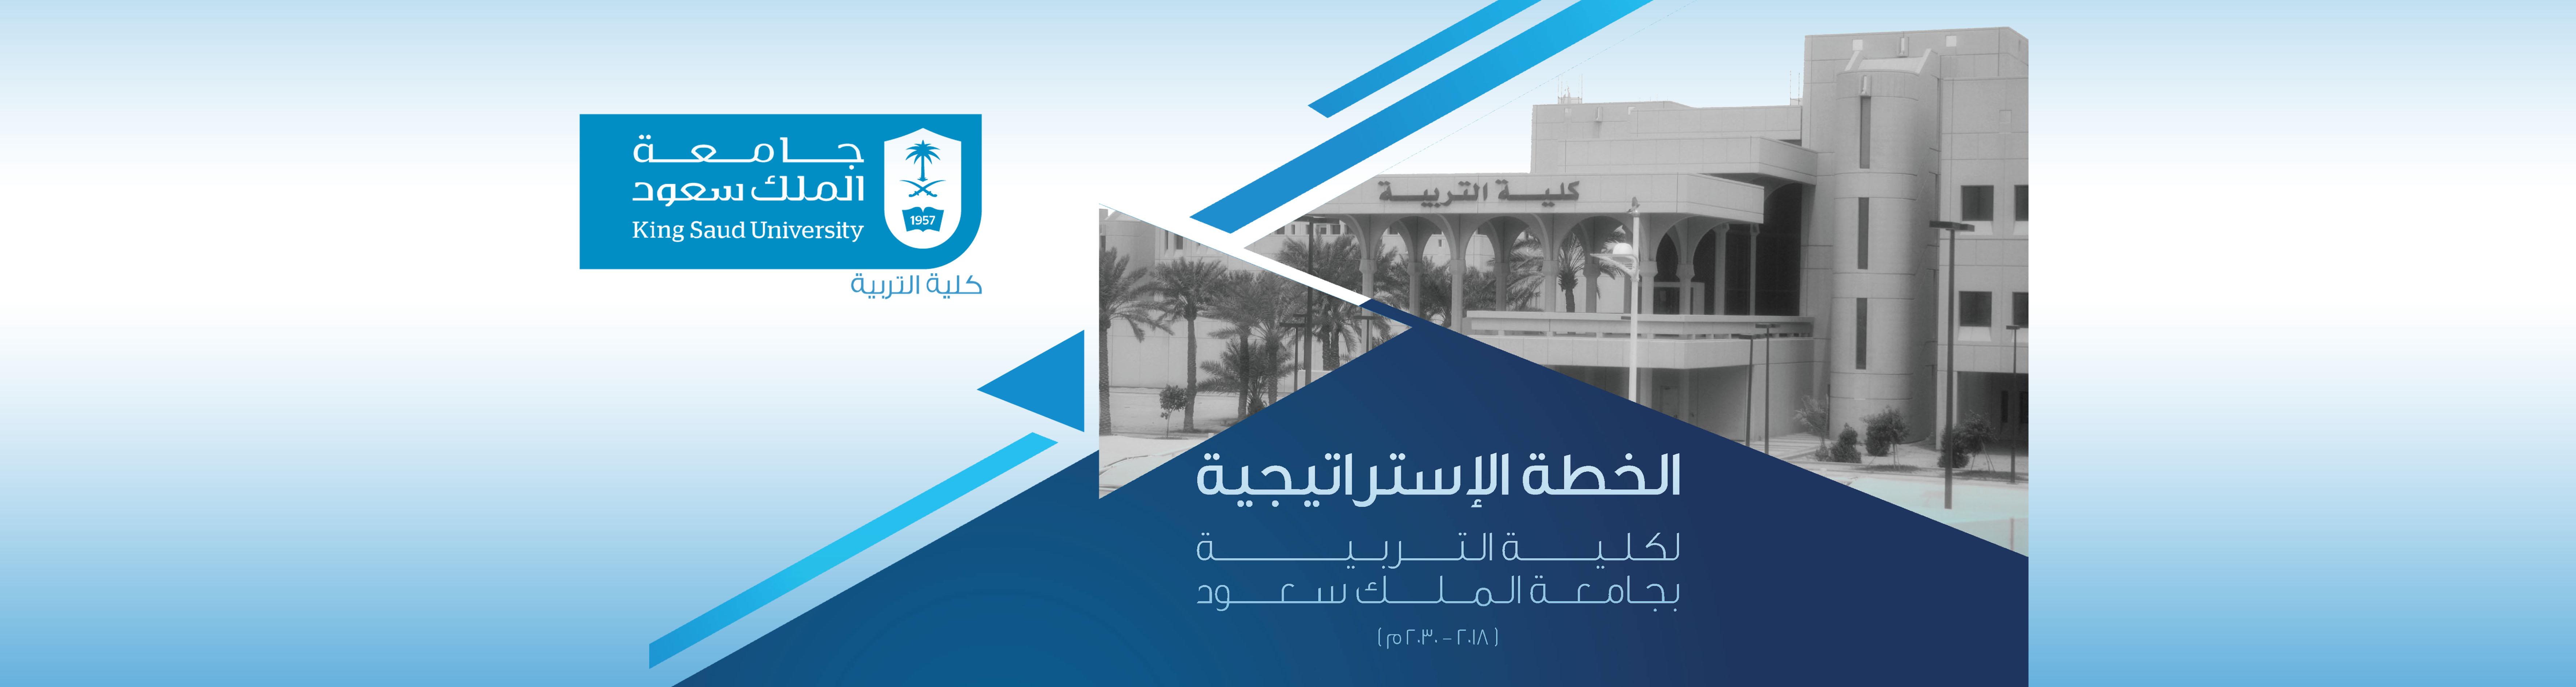 الرئيسية كلية التربية